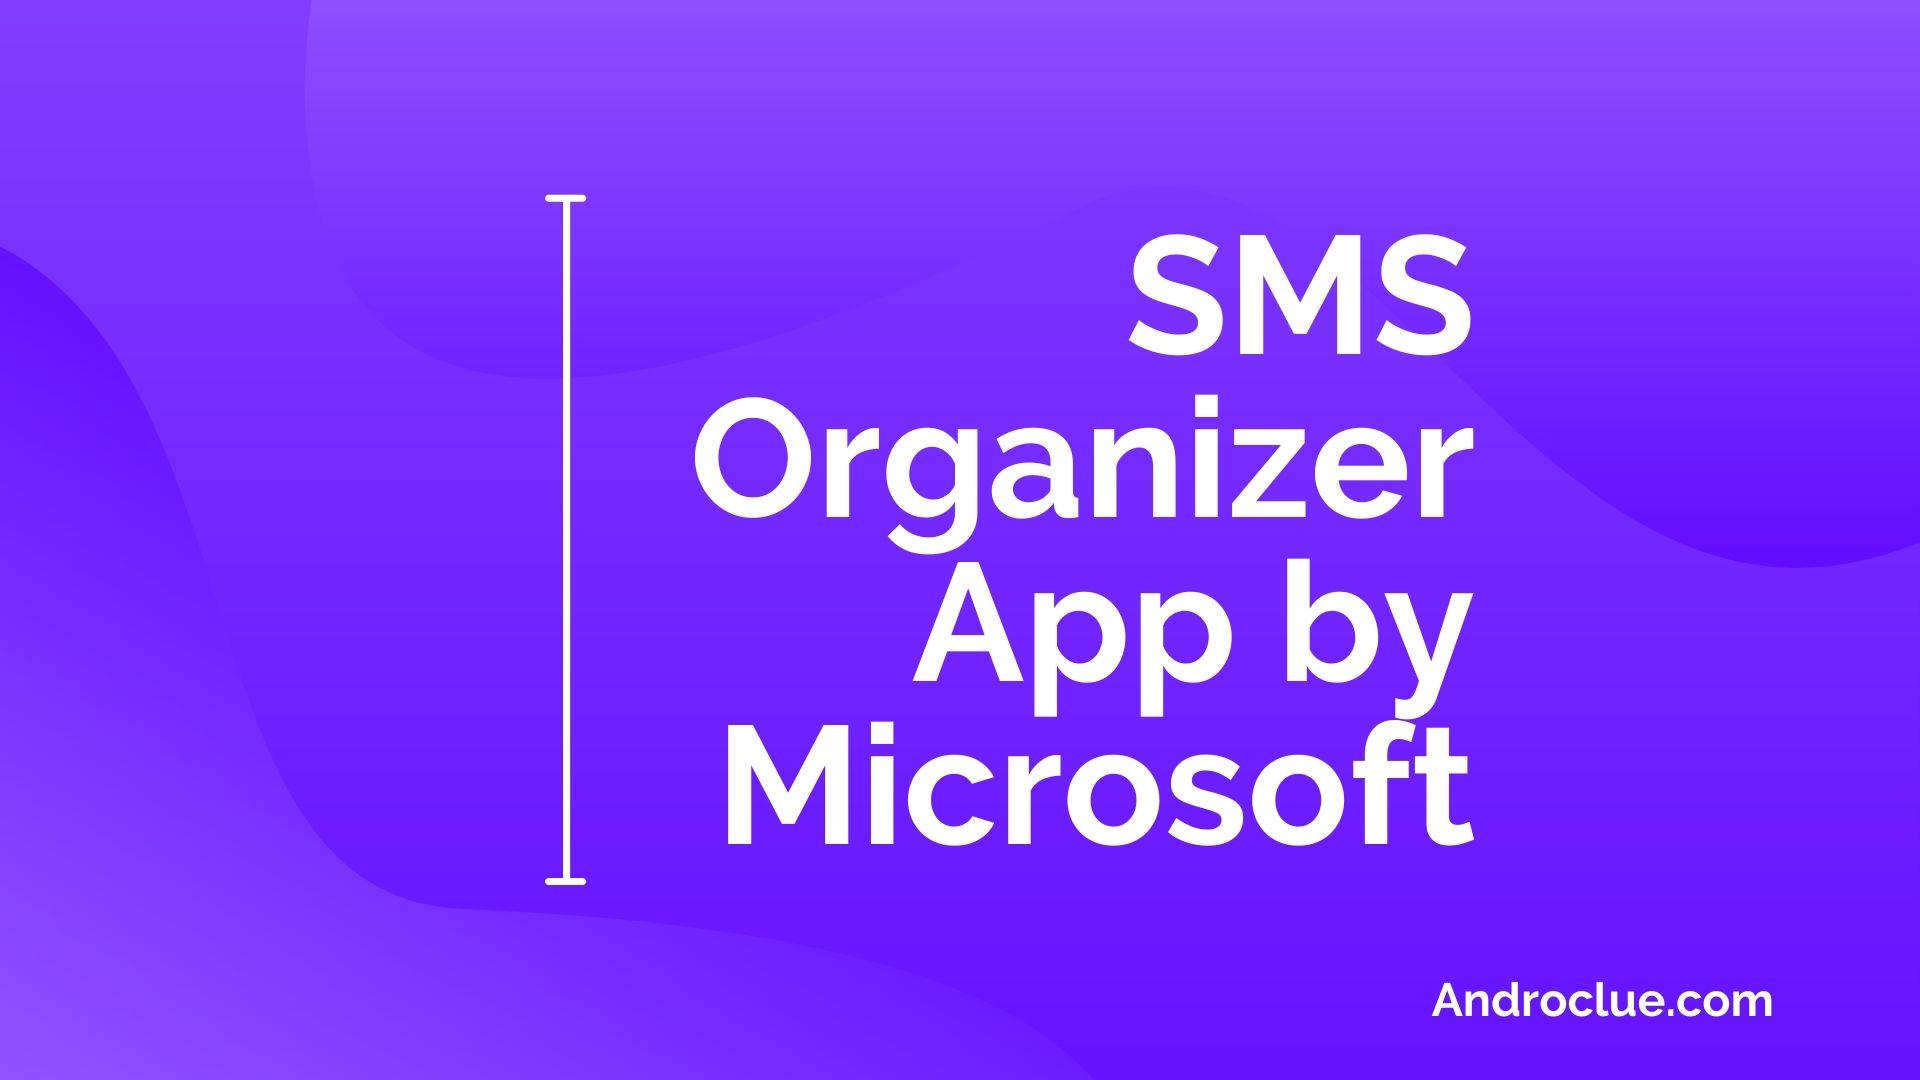 Aplicativo Organizador de SMS da Microsoft: faça o download da versão e revisão mais recentes